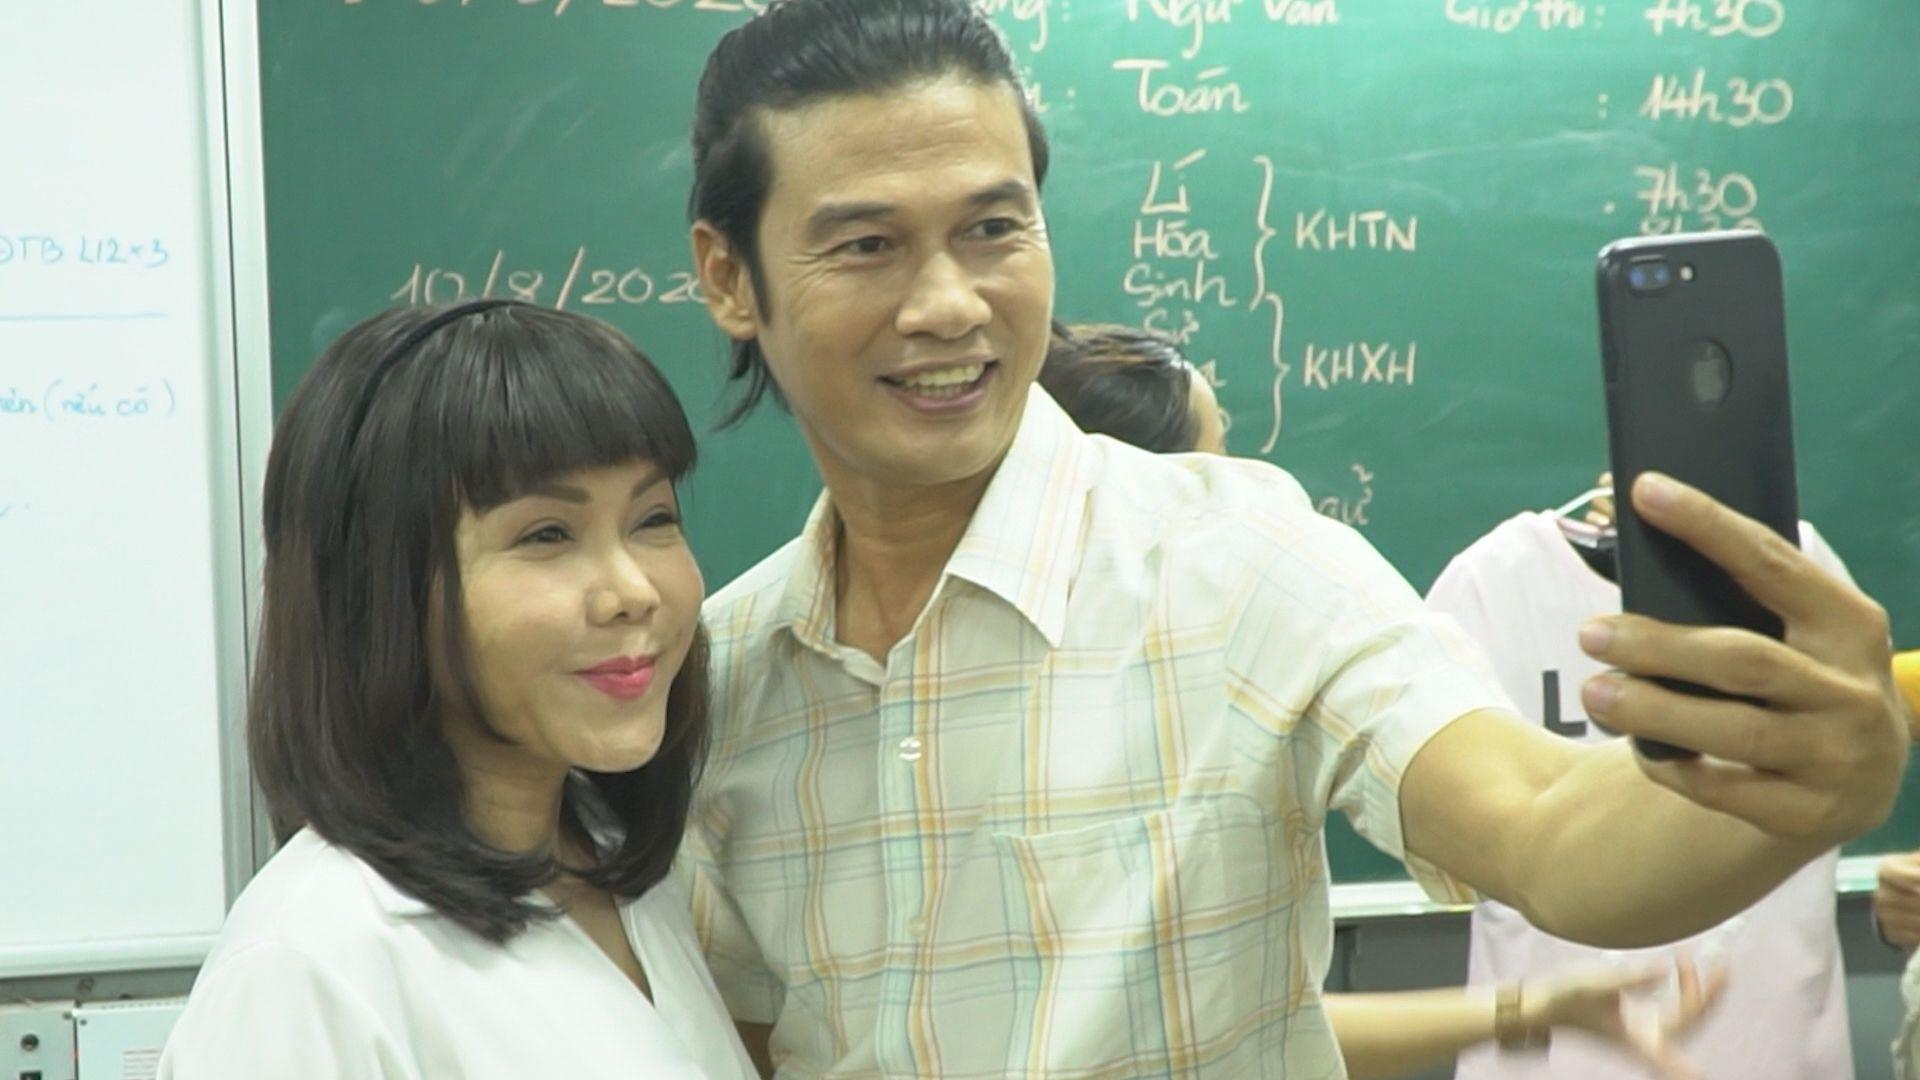 Tập 2_Nghệ sĩ Tiết Cương thú nhận là người phụ bạc 47 tuổi vẫn chưa tìm được hạnh phúc | Hạnh phúc ở đâu? | TayNinhTV